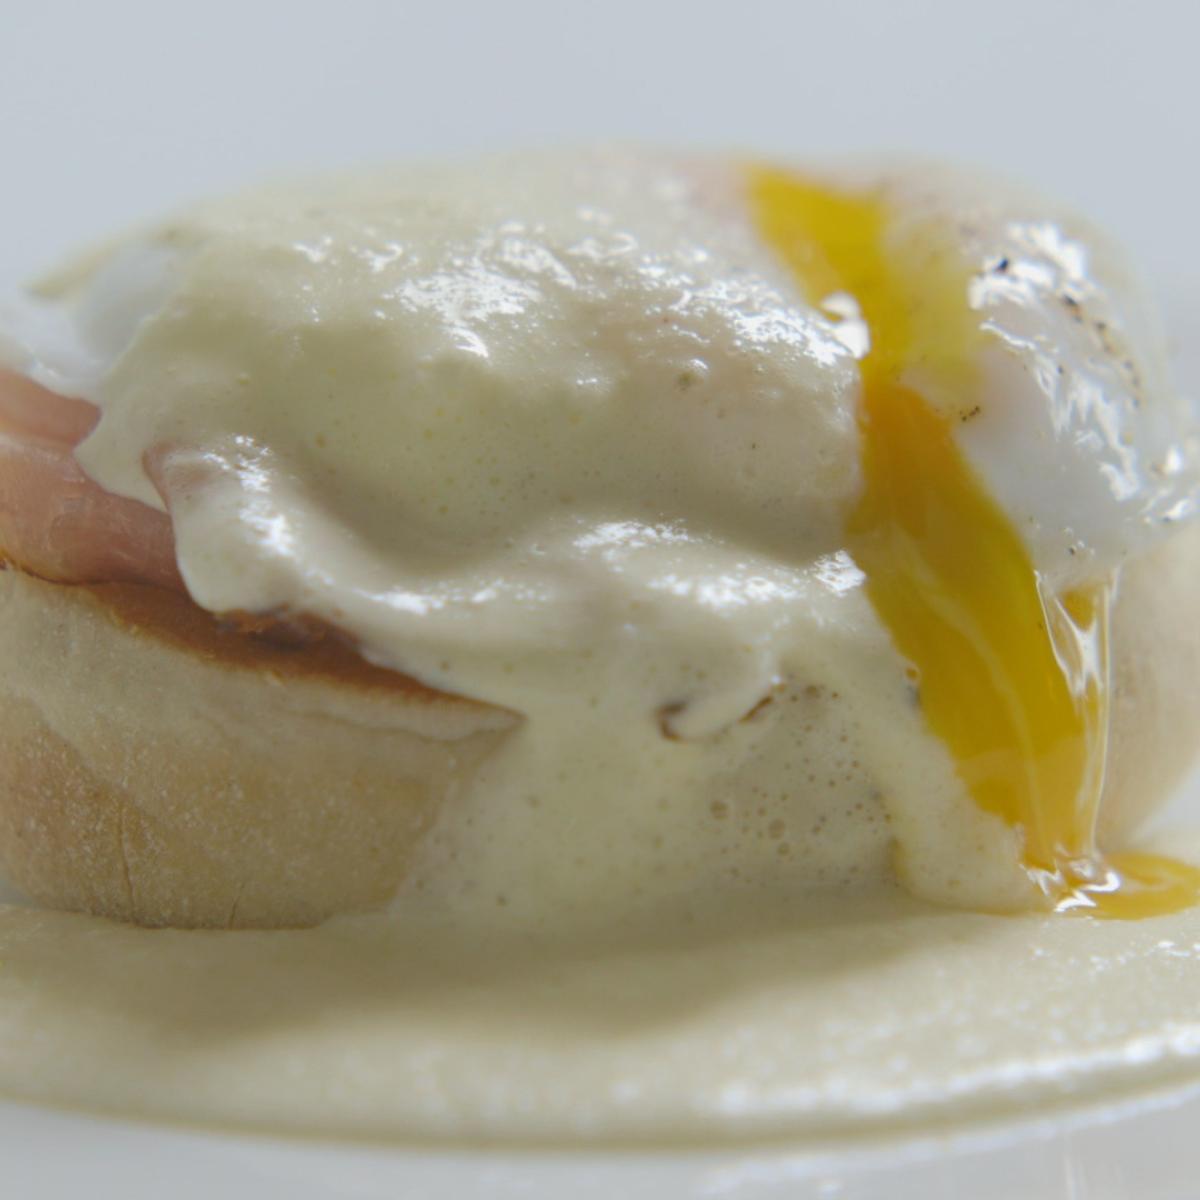 A picture of Delia's Eggs Benedict recipe